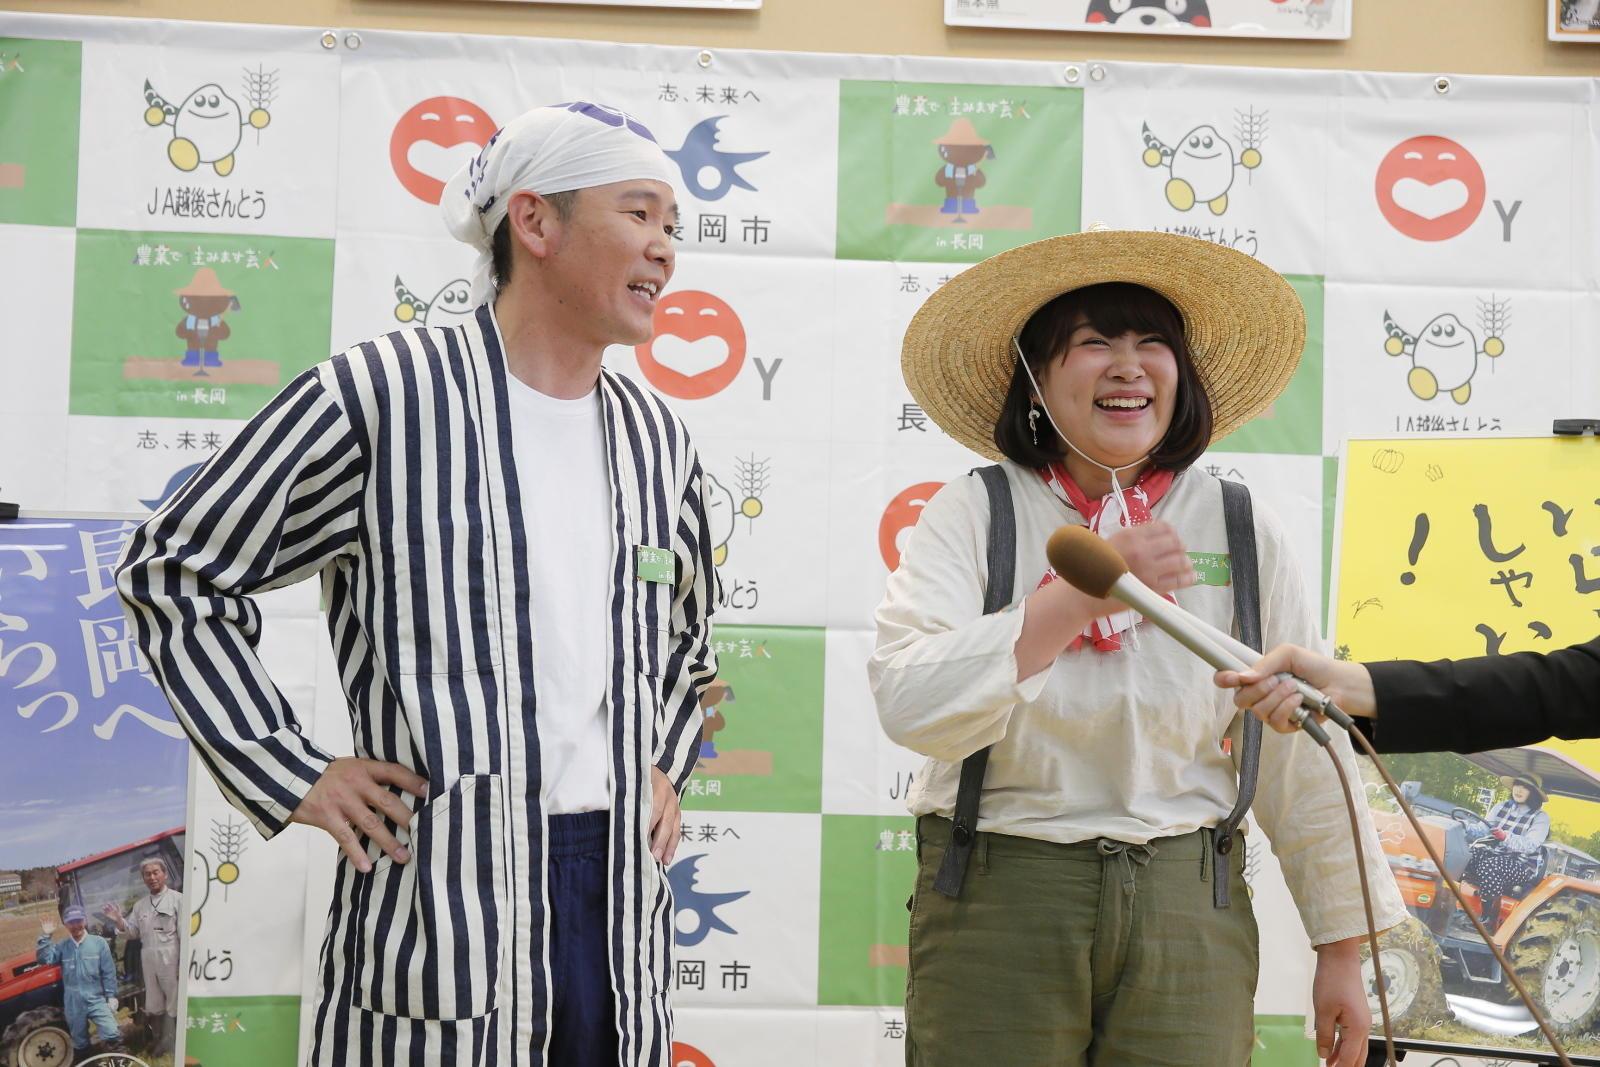 http://news.yoshimoto.co.jp/20160429190441-756f259cc9e587ff456d97f0fd5ac94d1b150ae0.jpg